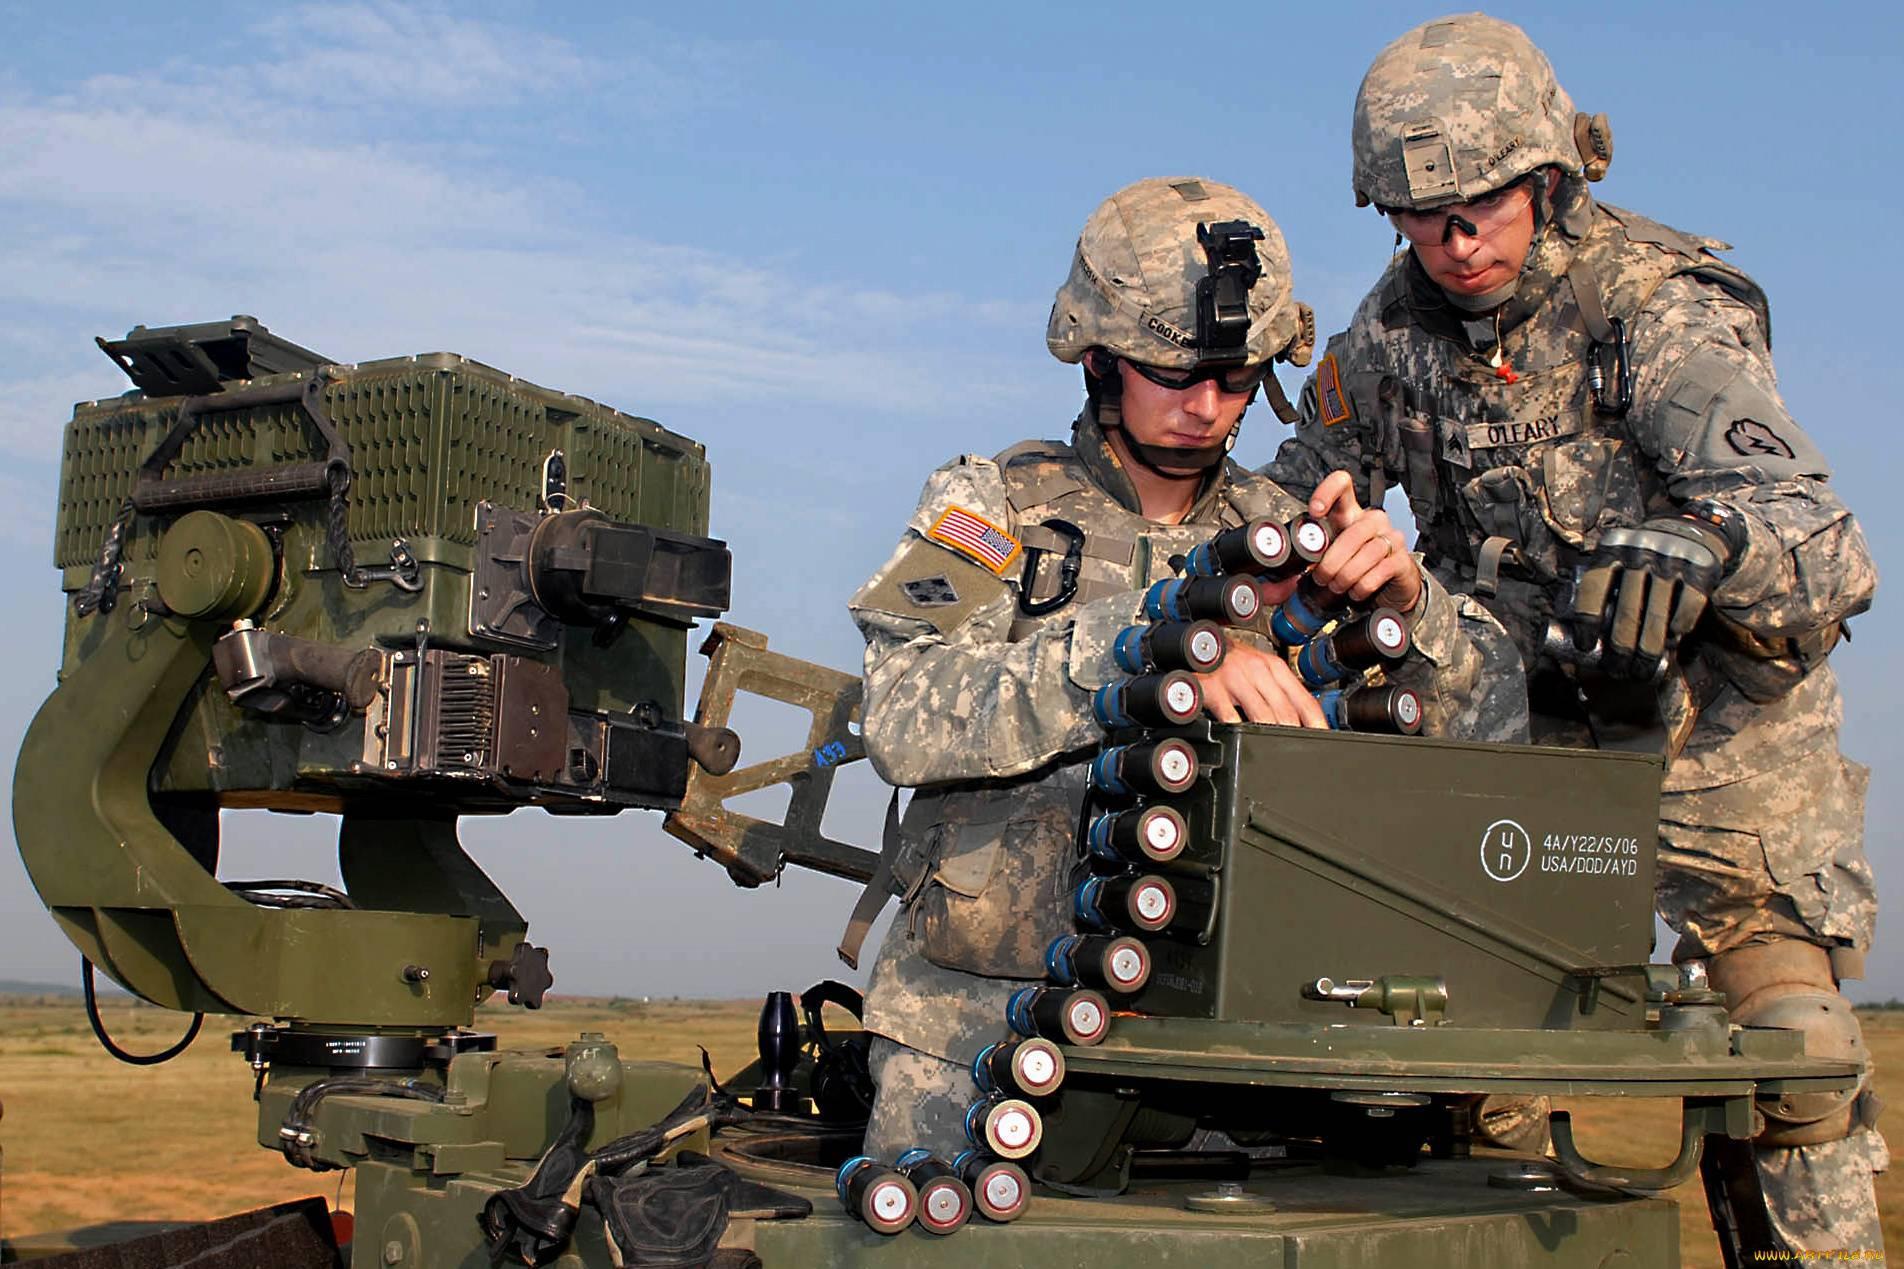 Армия-2028: как меняется стратегия развития армии в сша